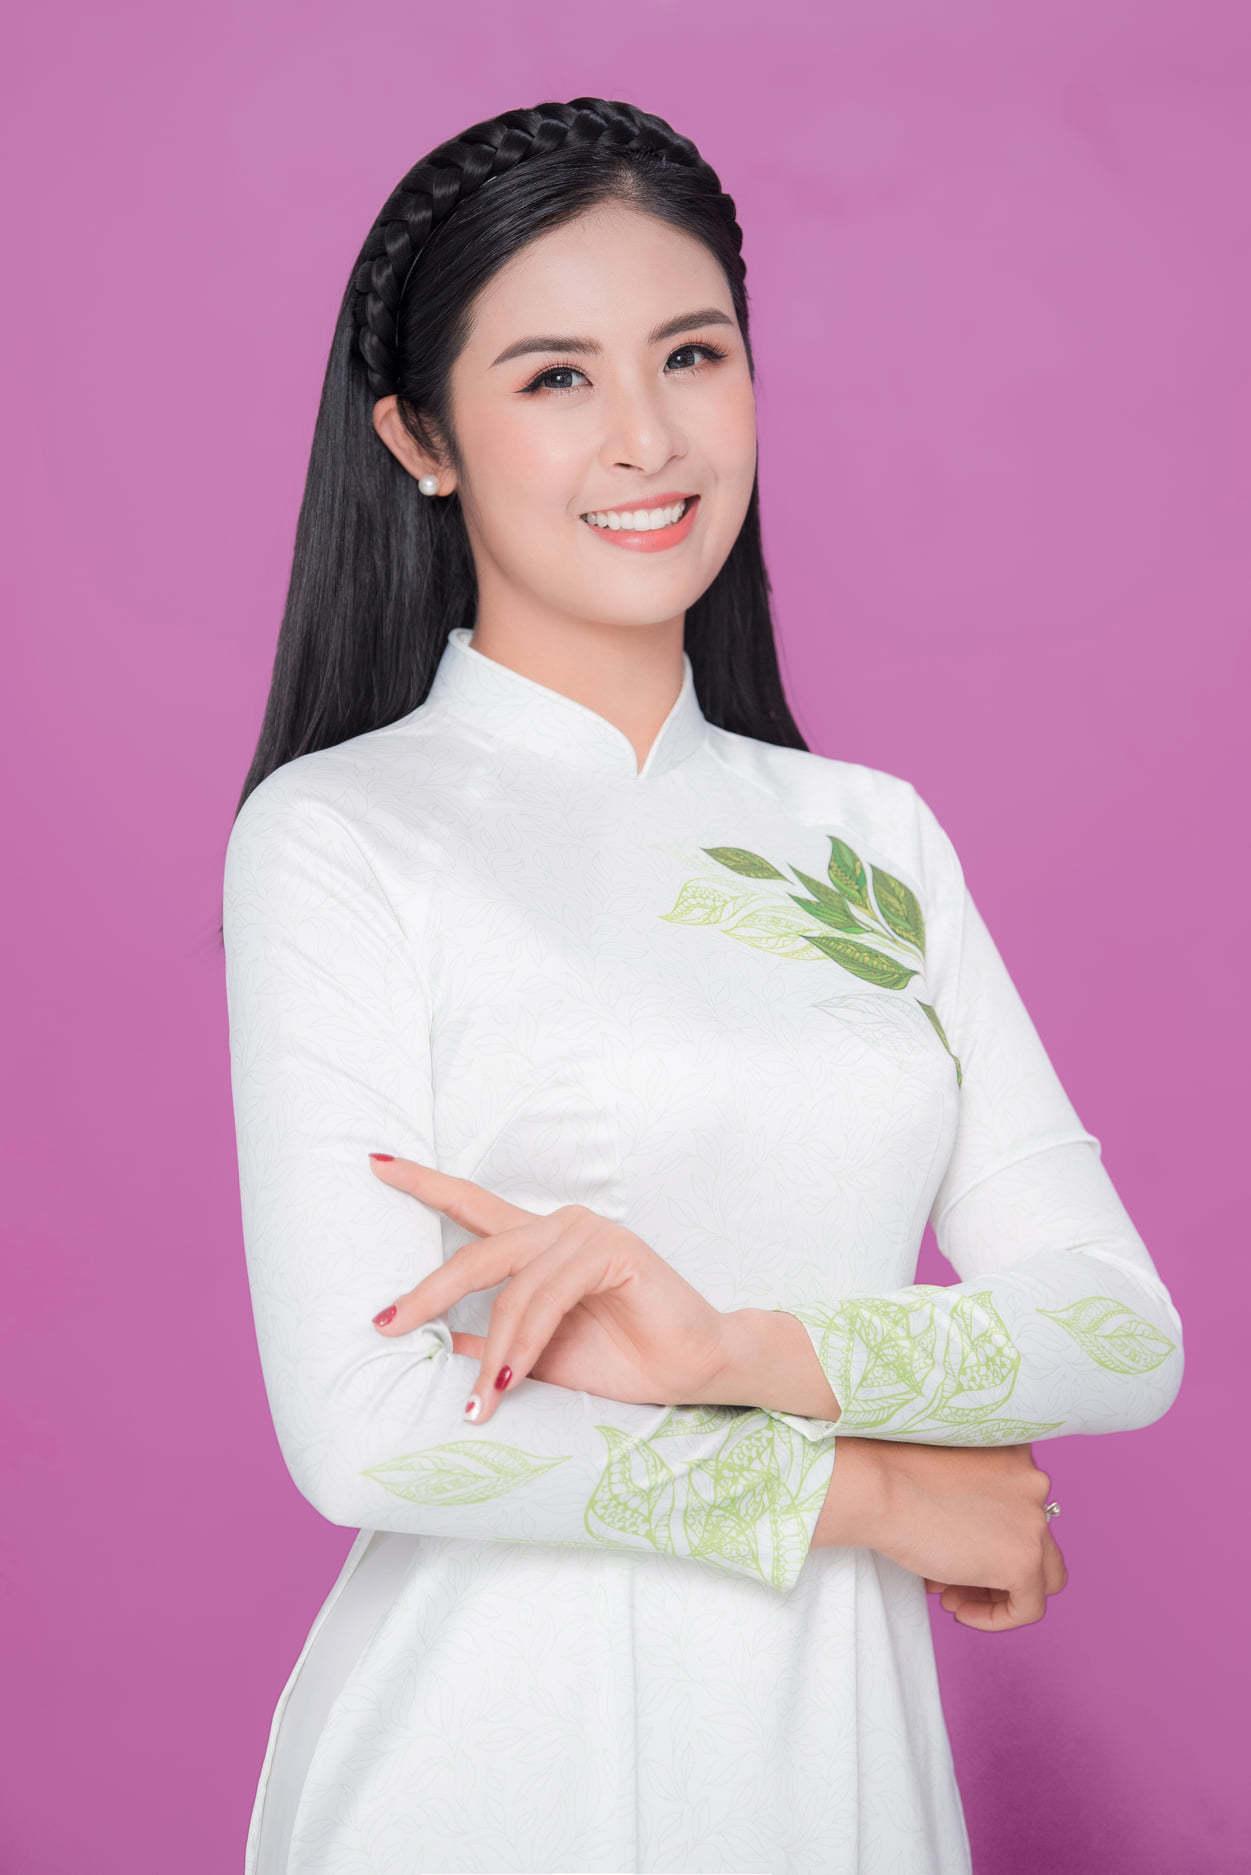 Ngọc Hân đeo khẩu trang khi ghi hình chương trình Tết của VTV